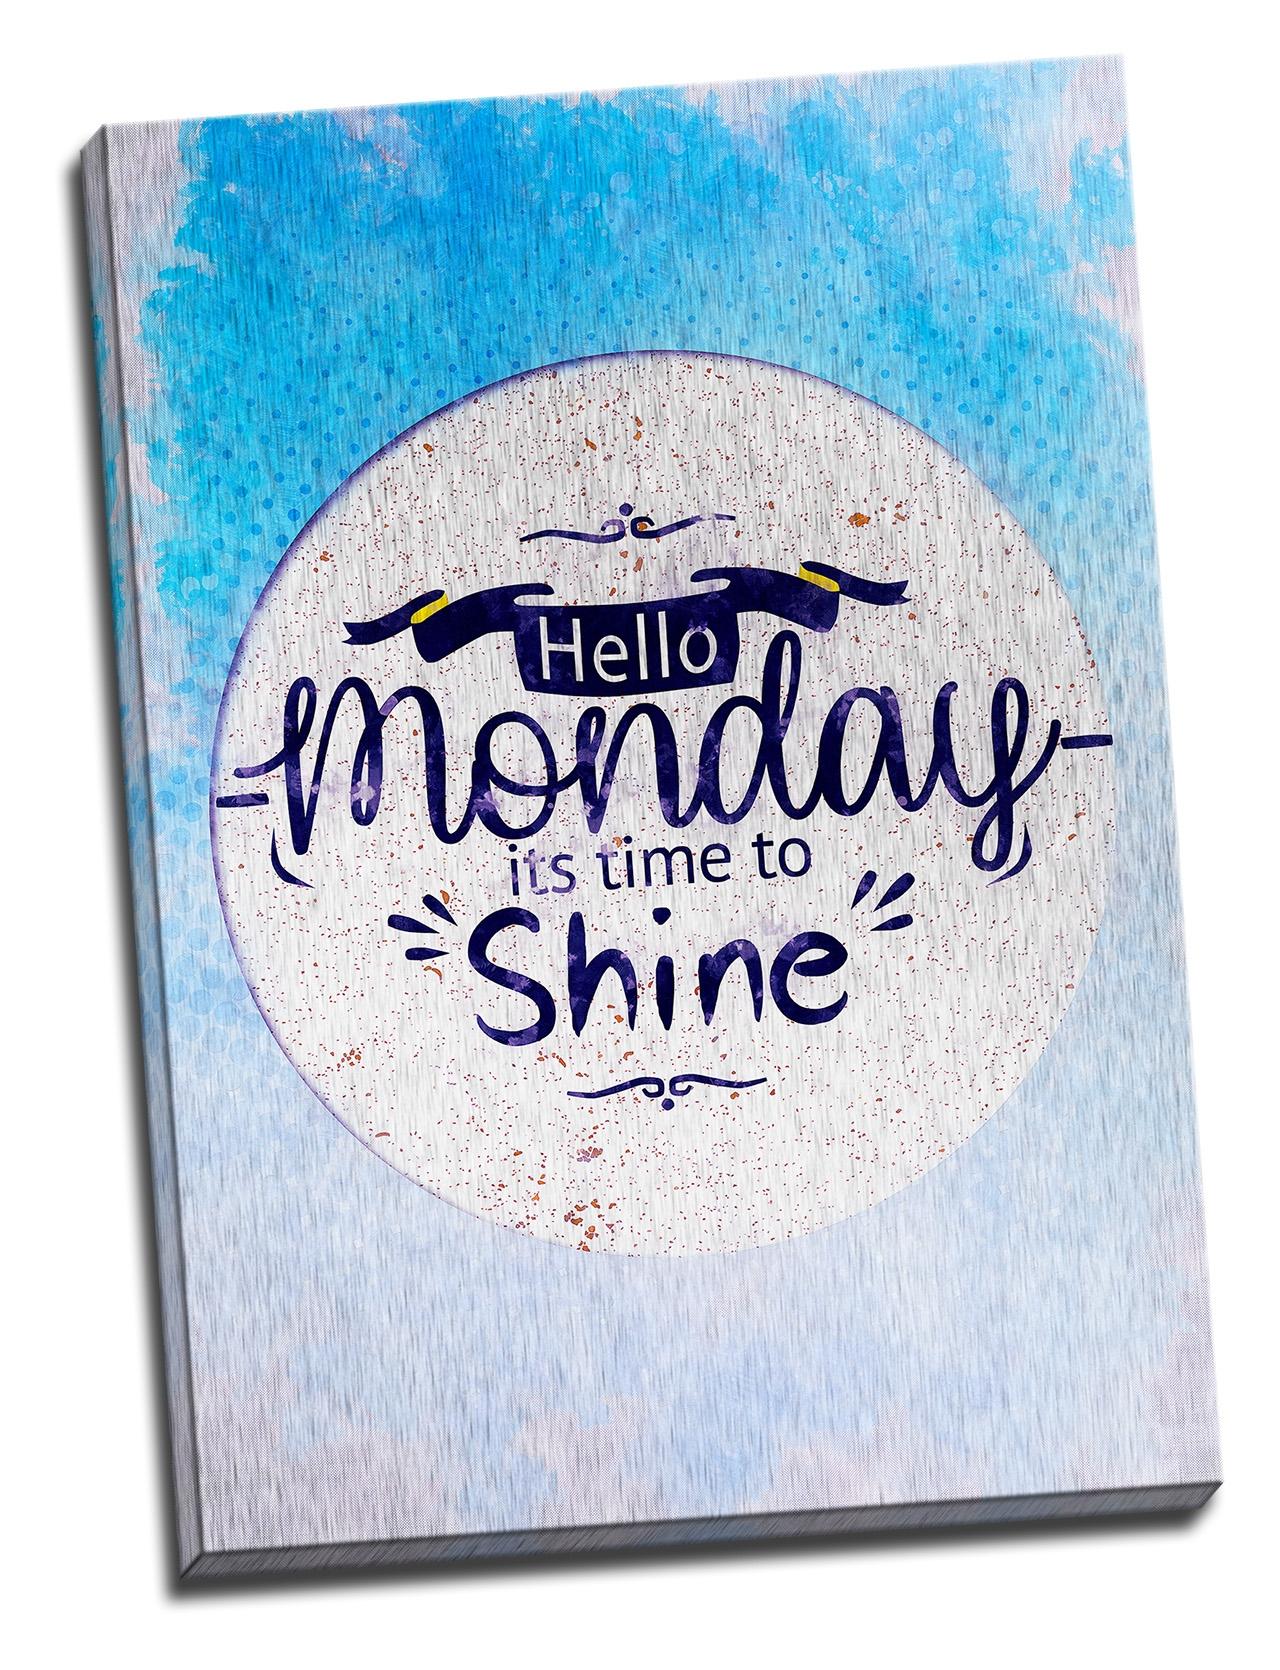 Tablou din aluminiu striat Hello Monday....to Shine